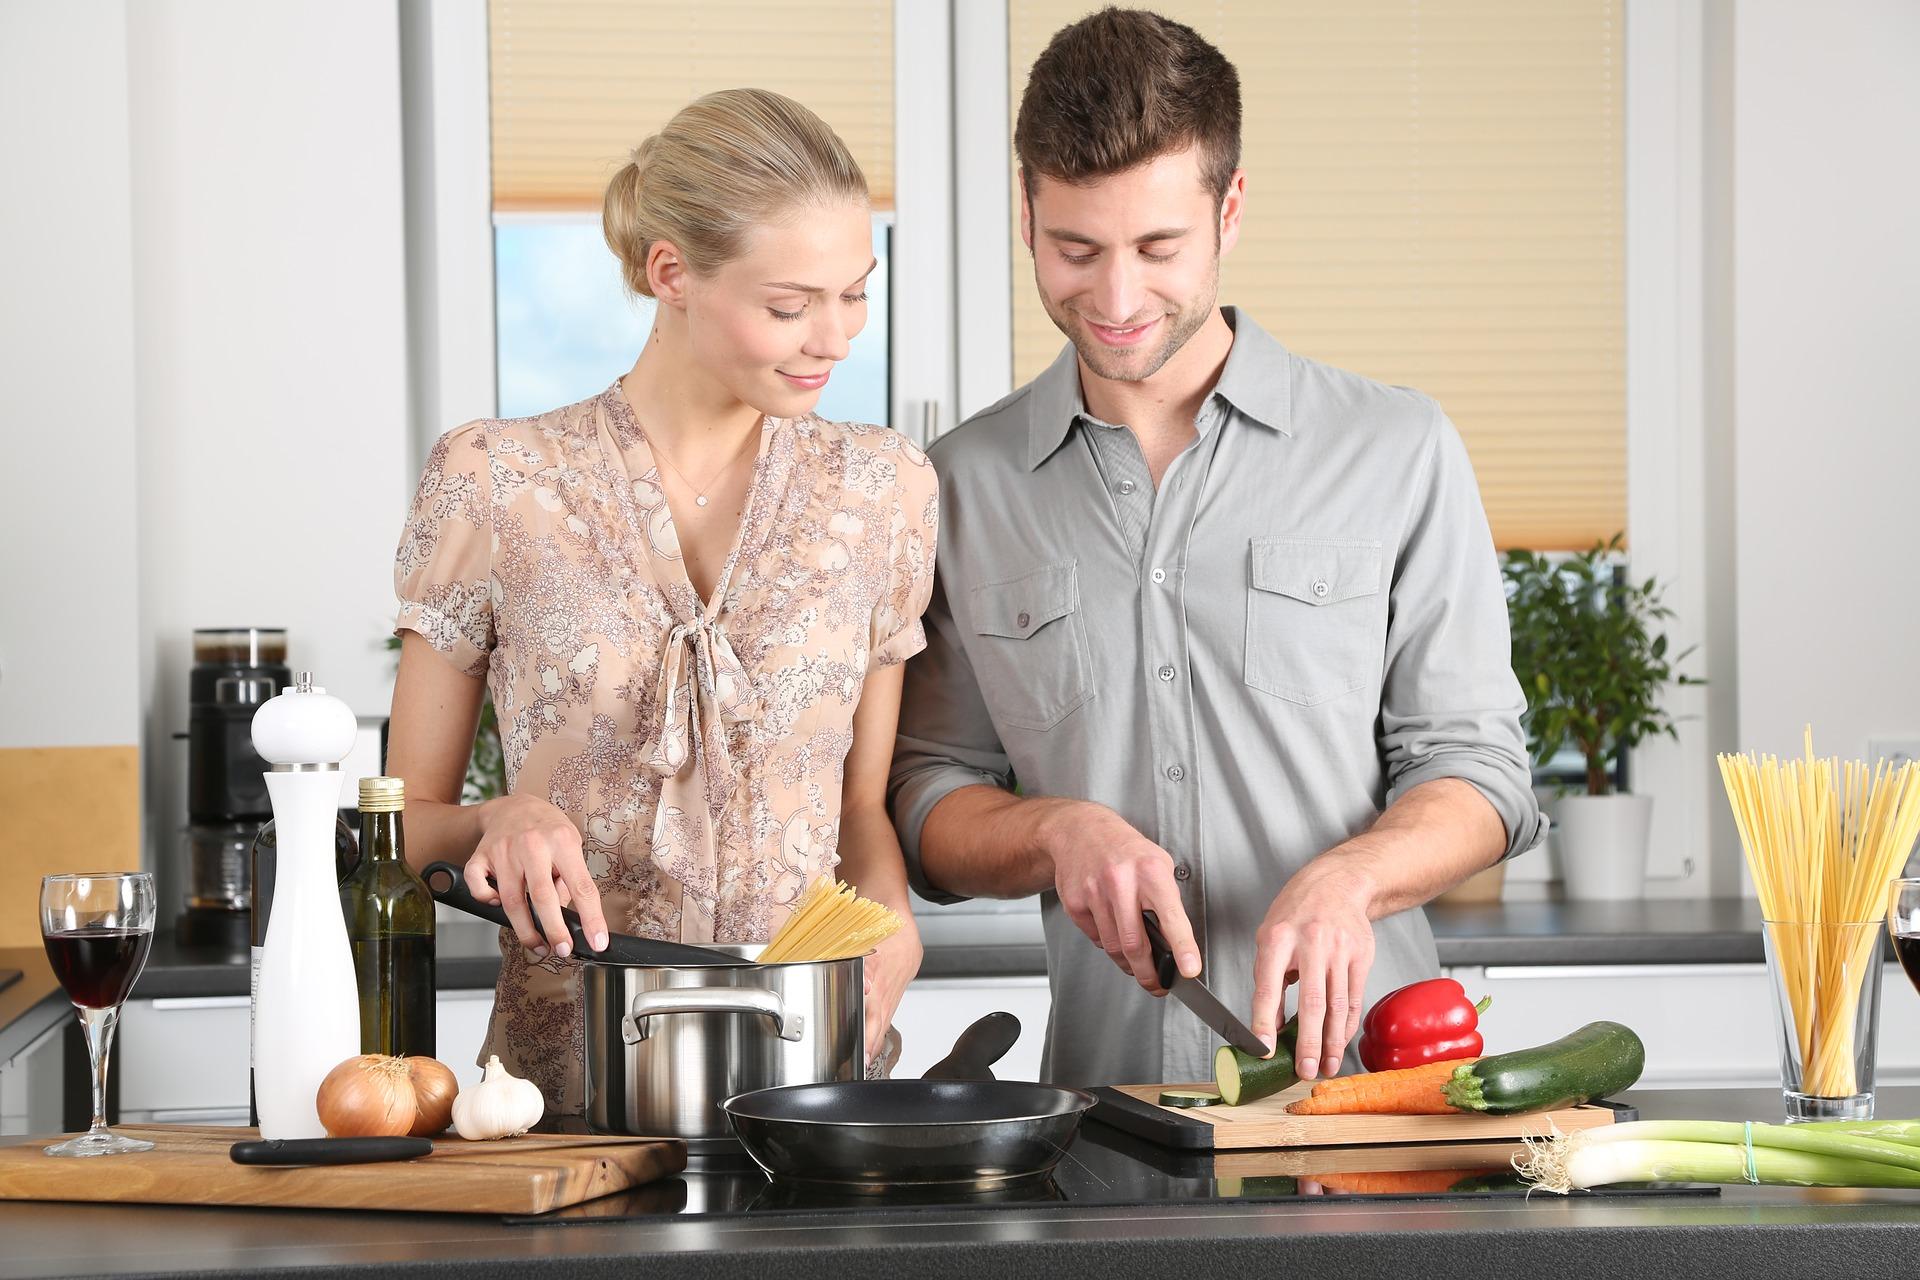 Personas cocinando con consciencia